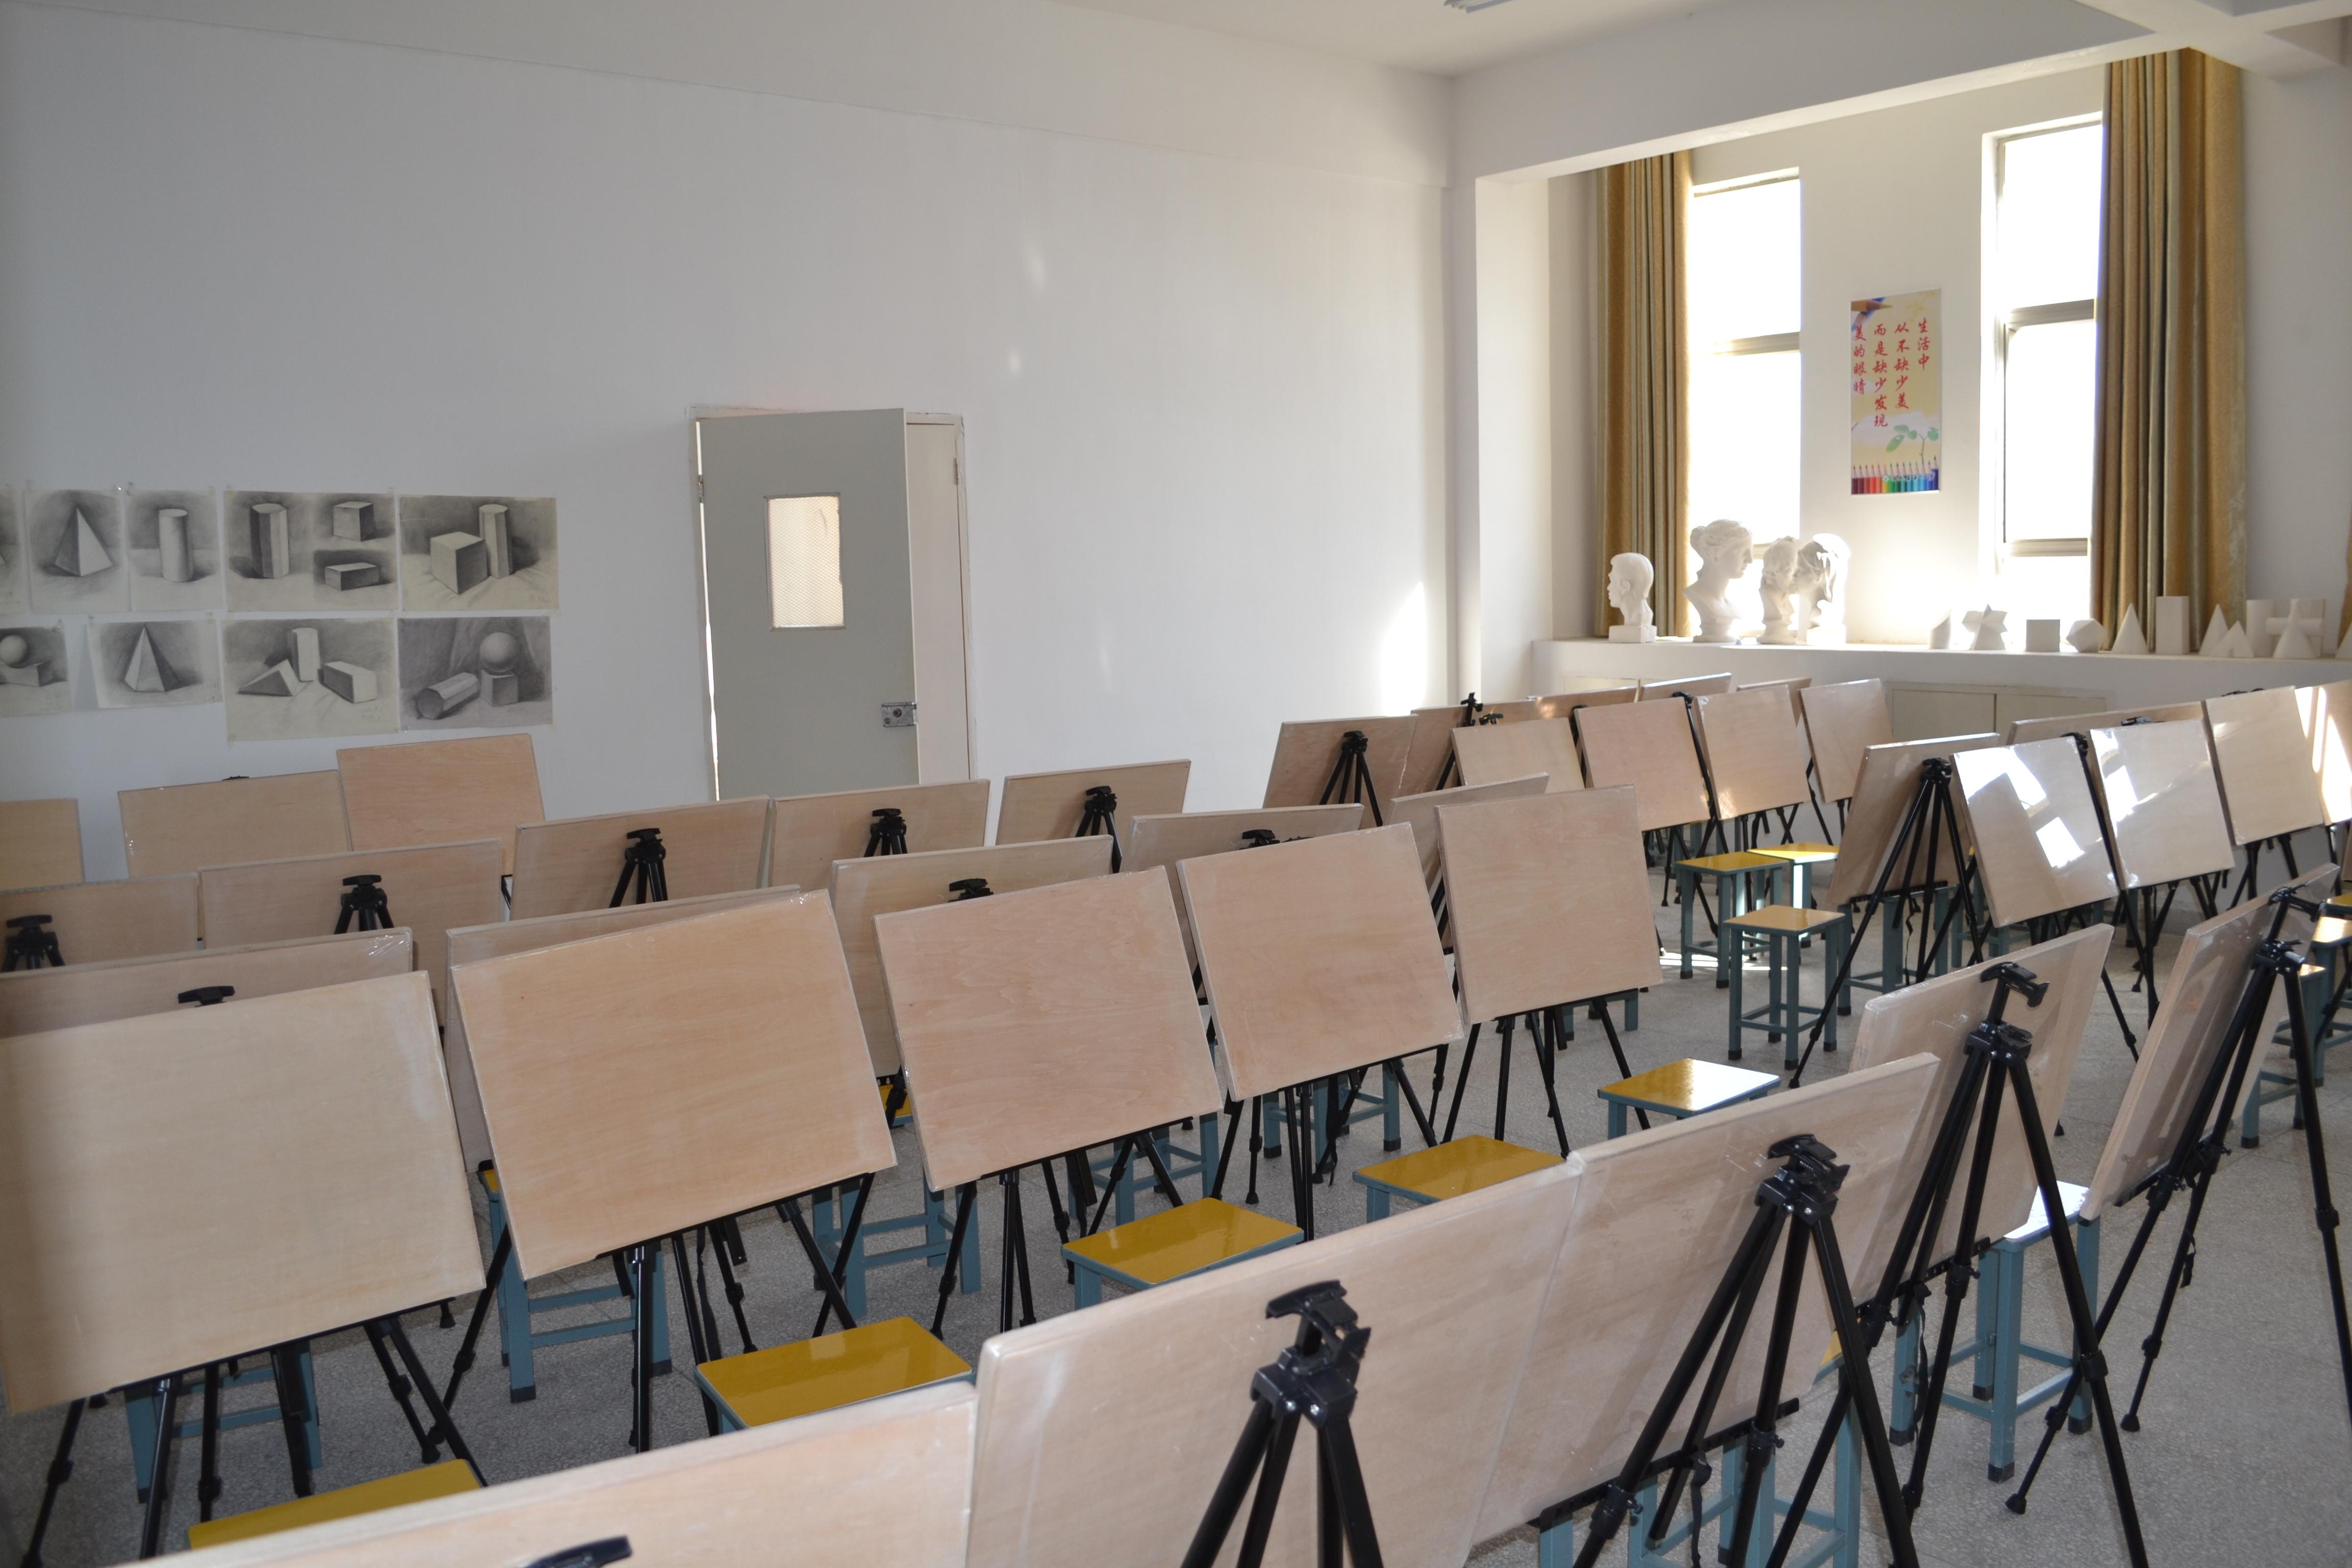 美术教室.jpg图片